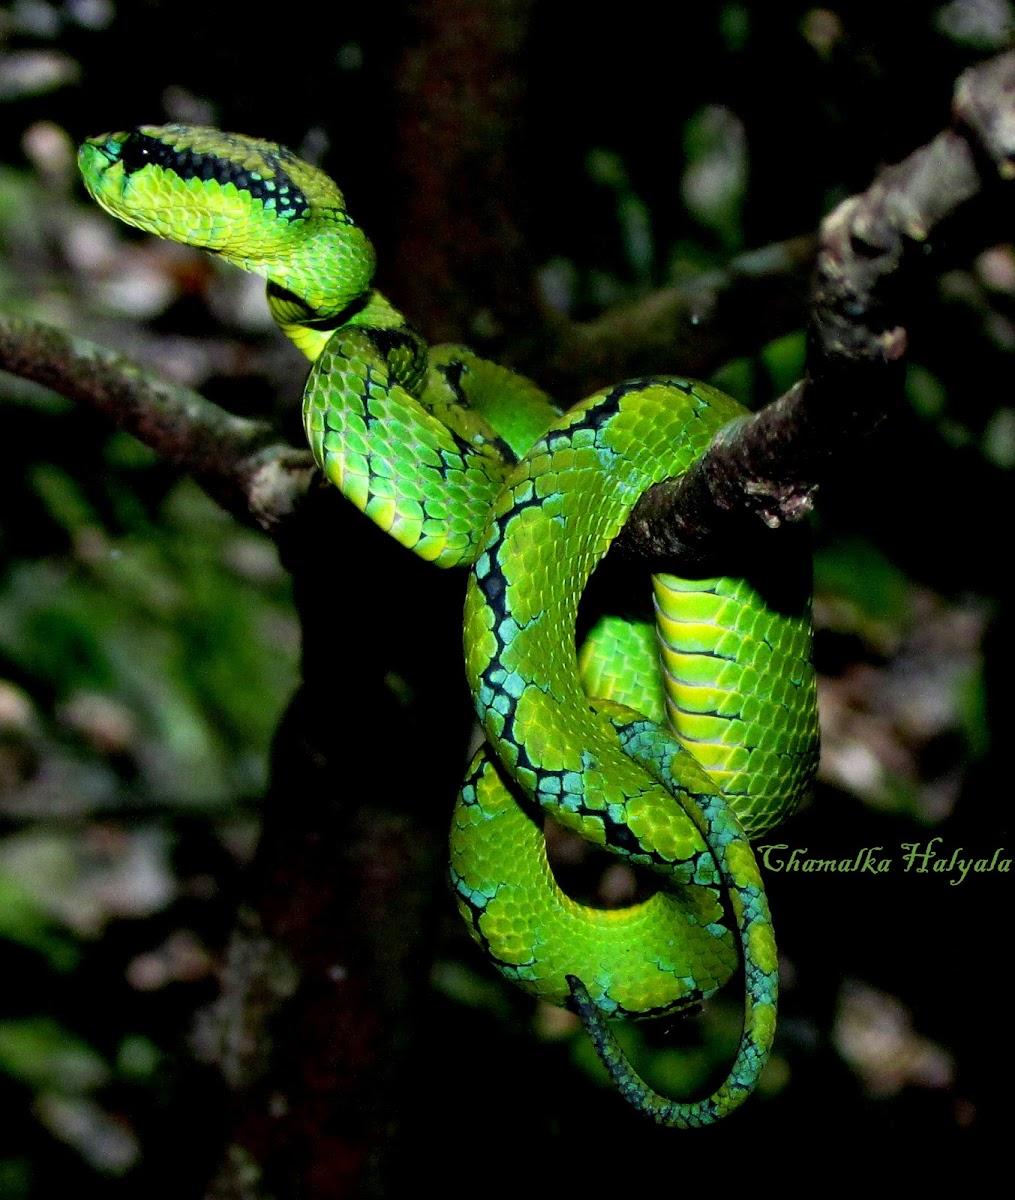 Sri Lankan green pit viper